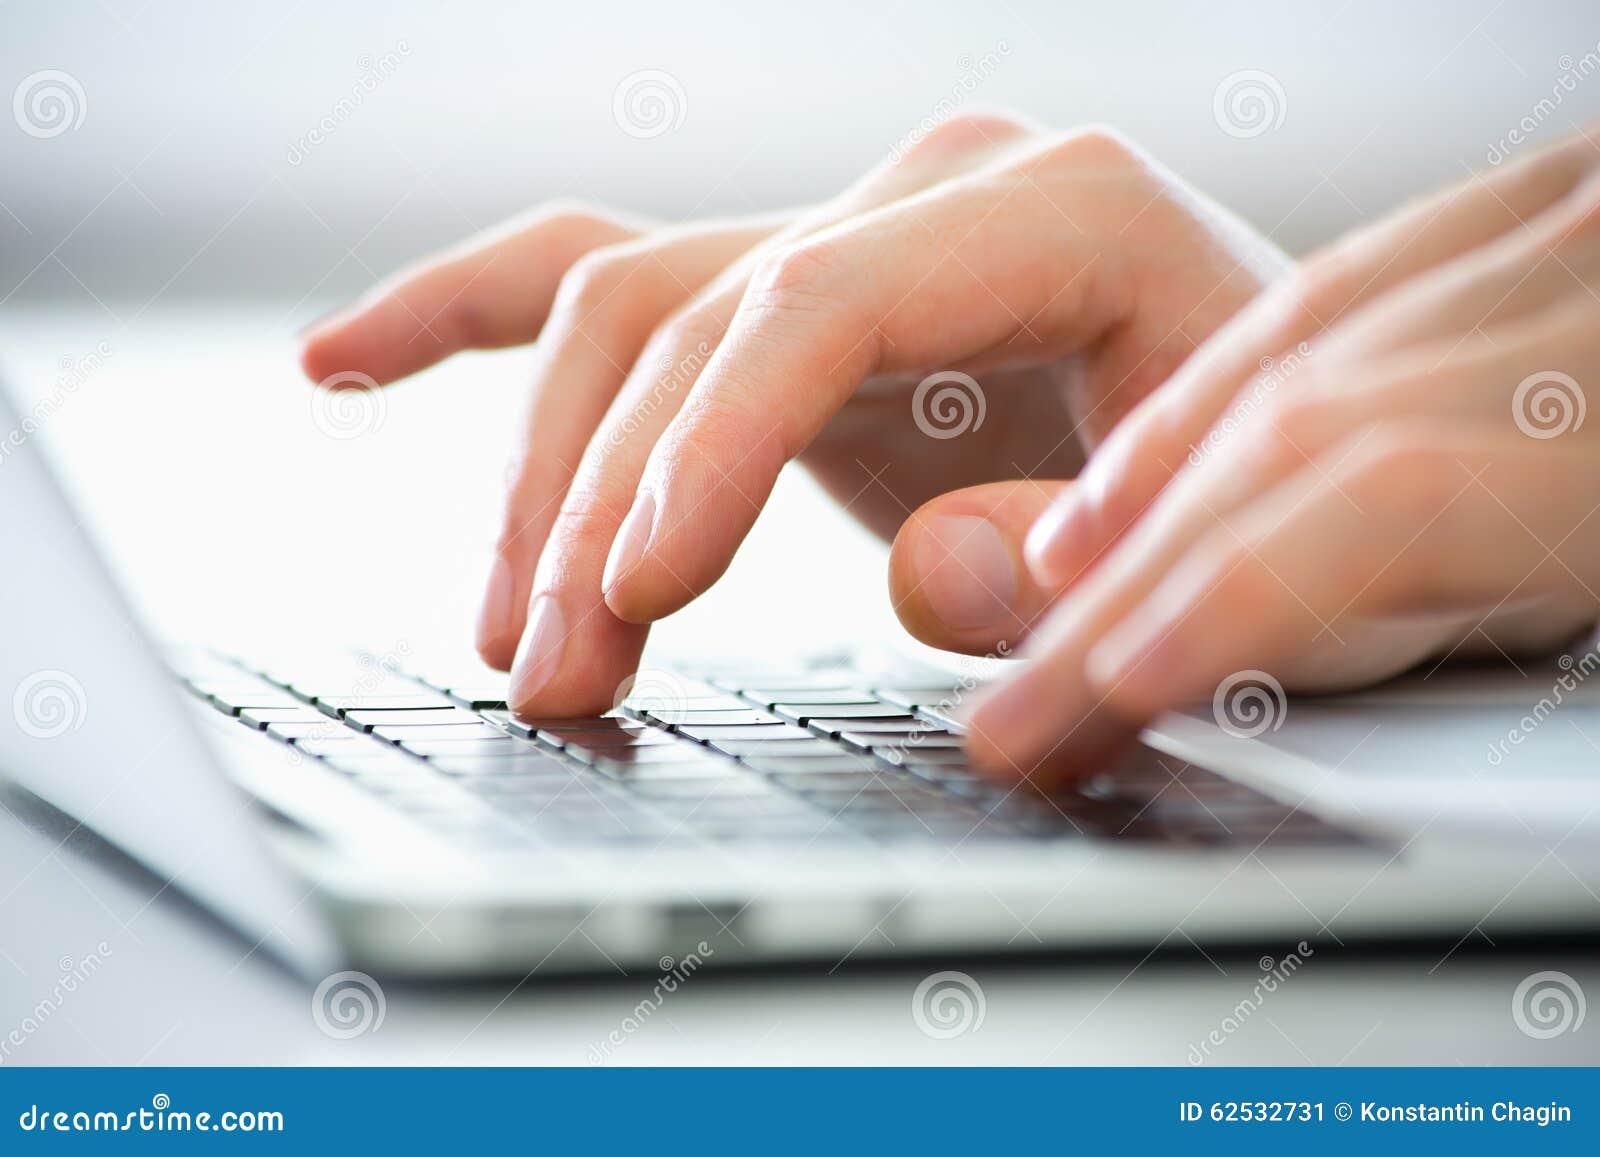 Hände des Geschäftsmannes schreibend auf einem Laptop